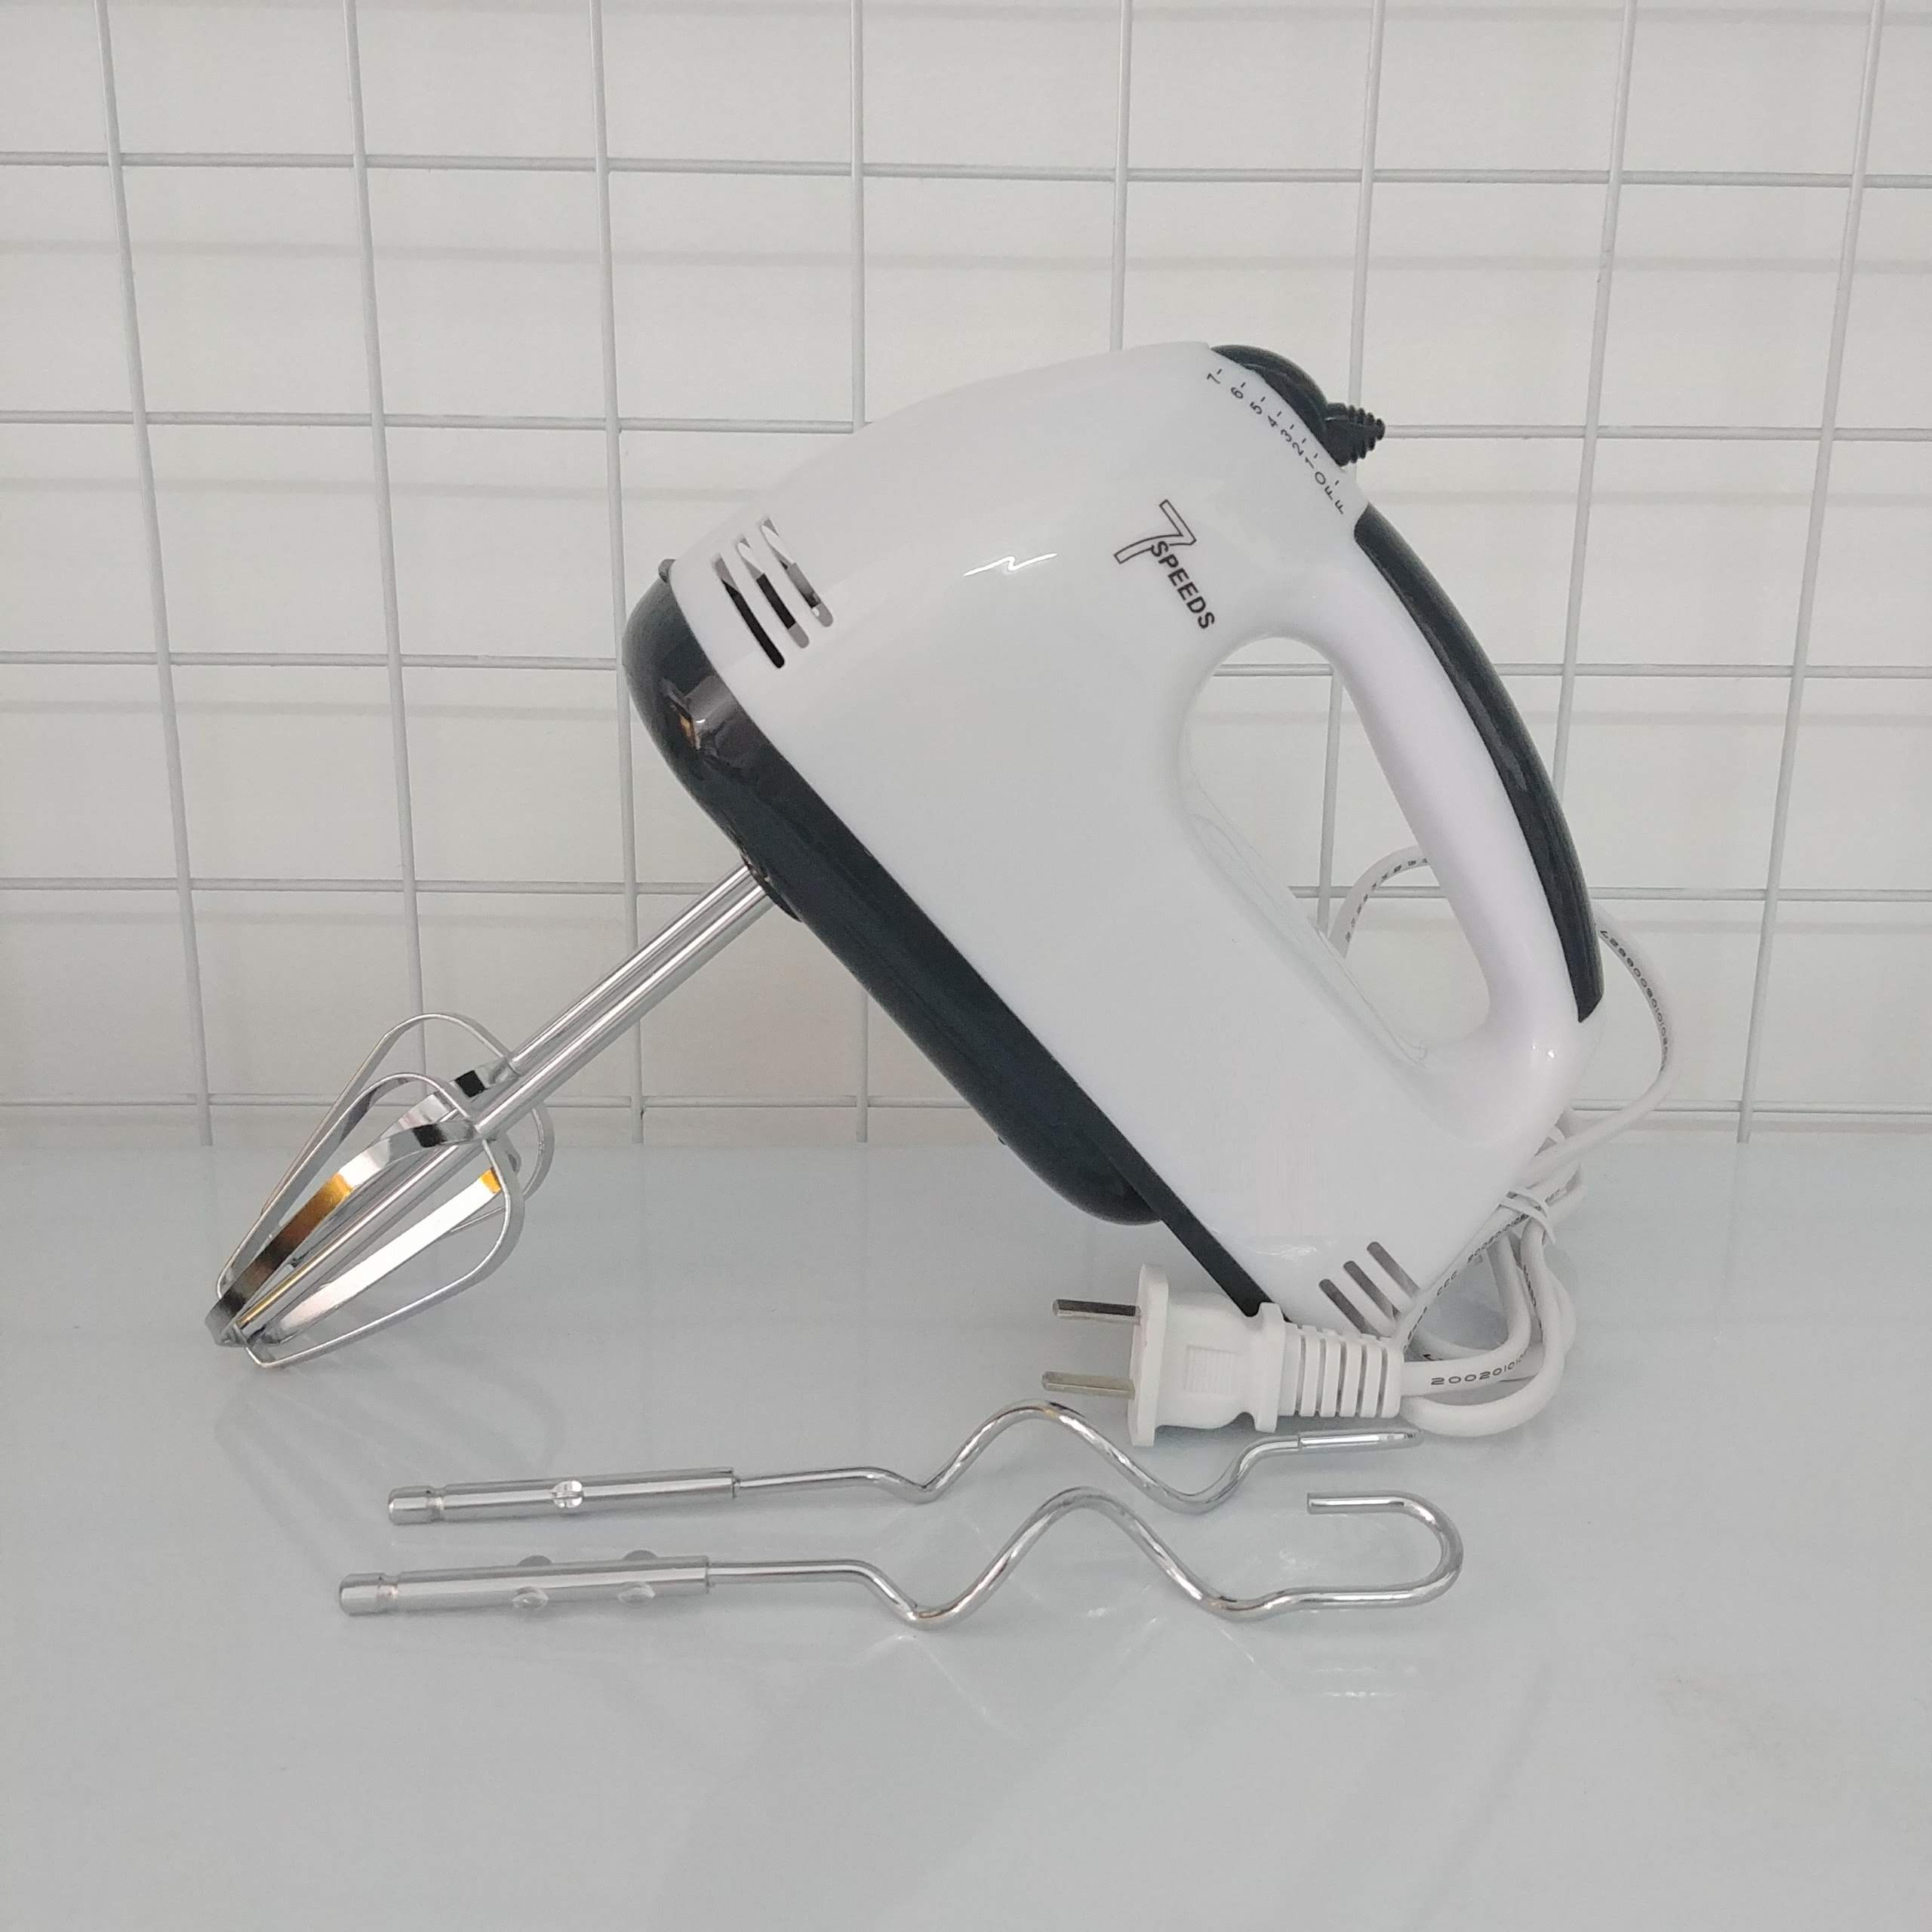 Máy Đánh Trứng Cầm Tay 7 Tốc Độ Công Suất 180W ( tặng kèm 1 móc khóa dễ thương)